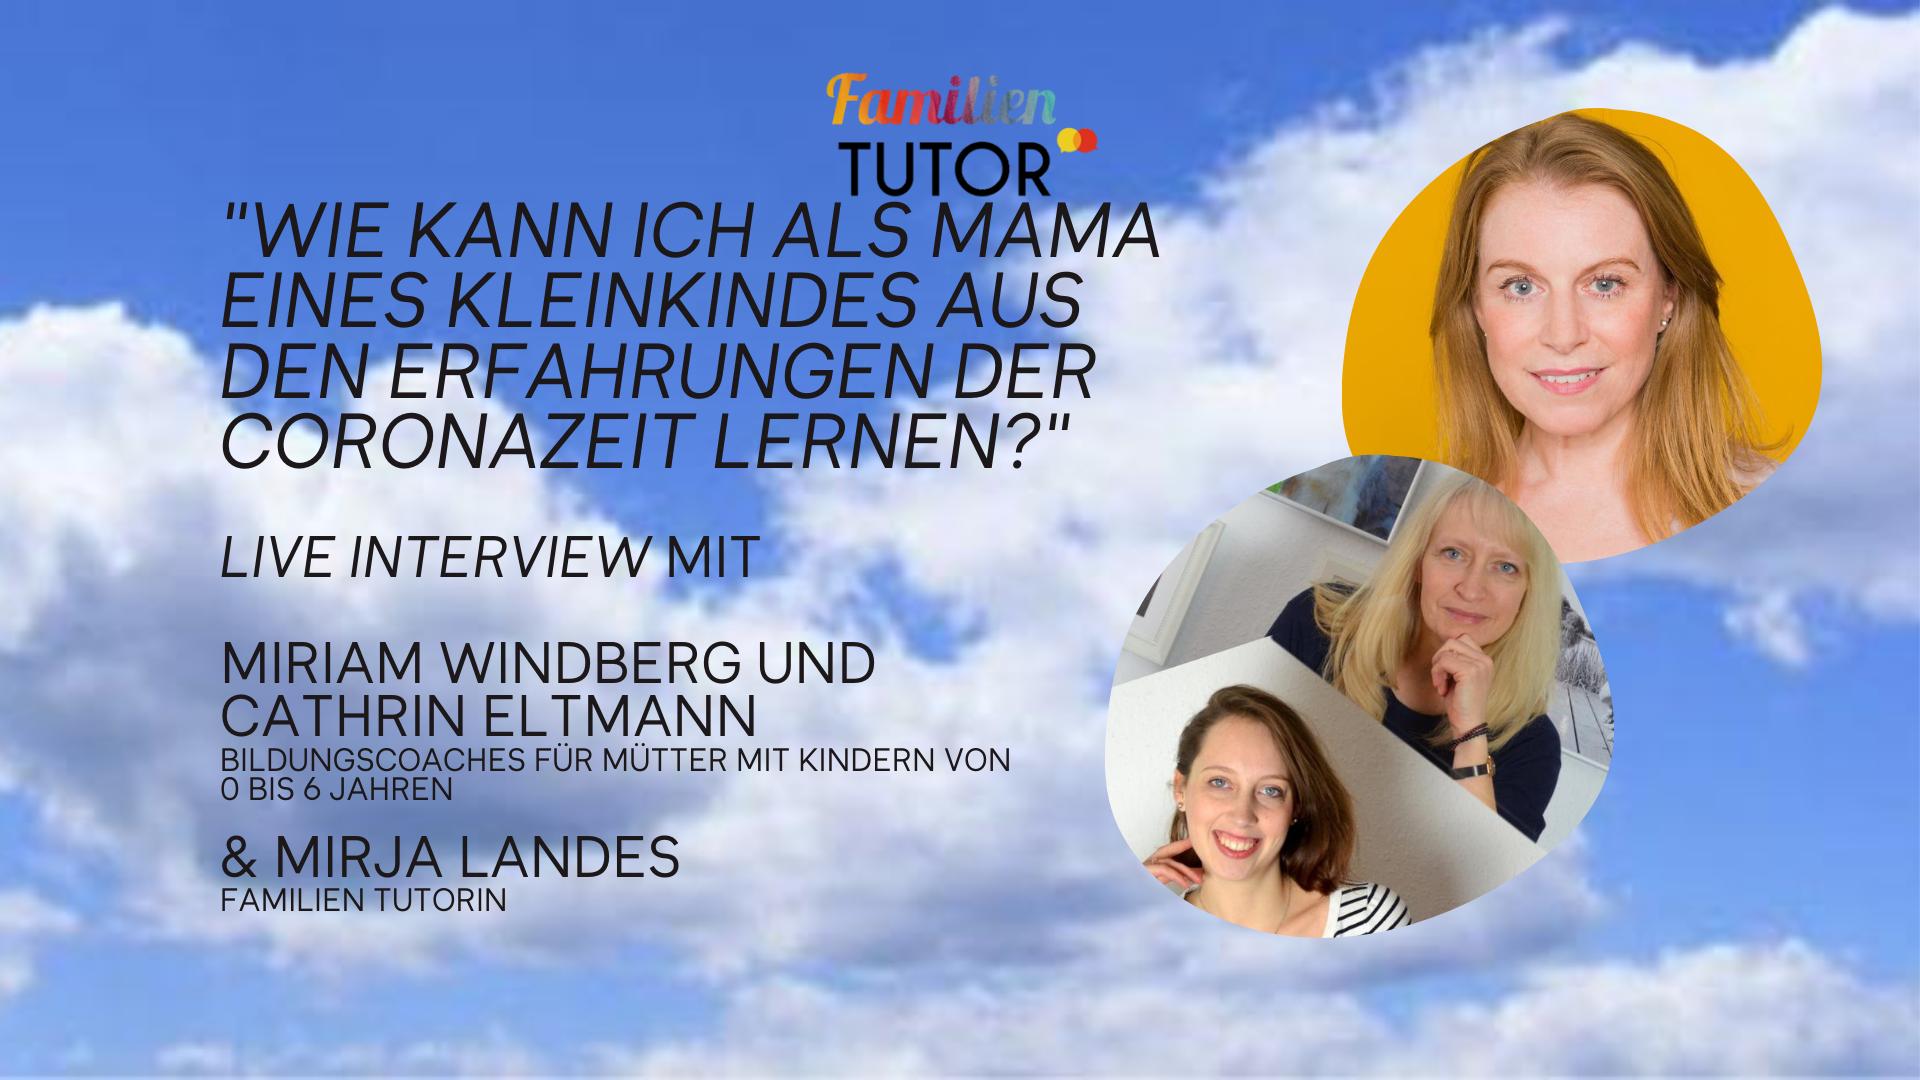 Family Friday Tutorial mit Miriam Windberg und Cathrin Eltmann